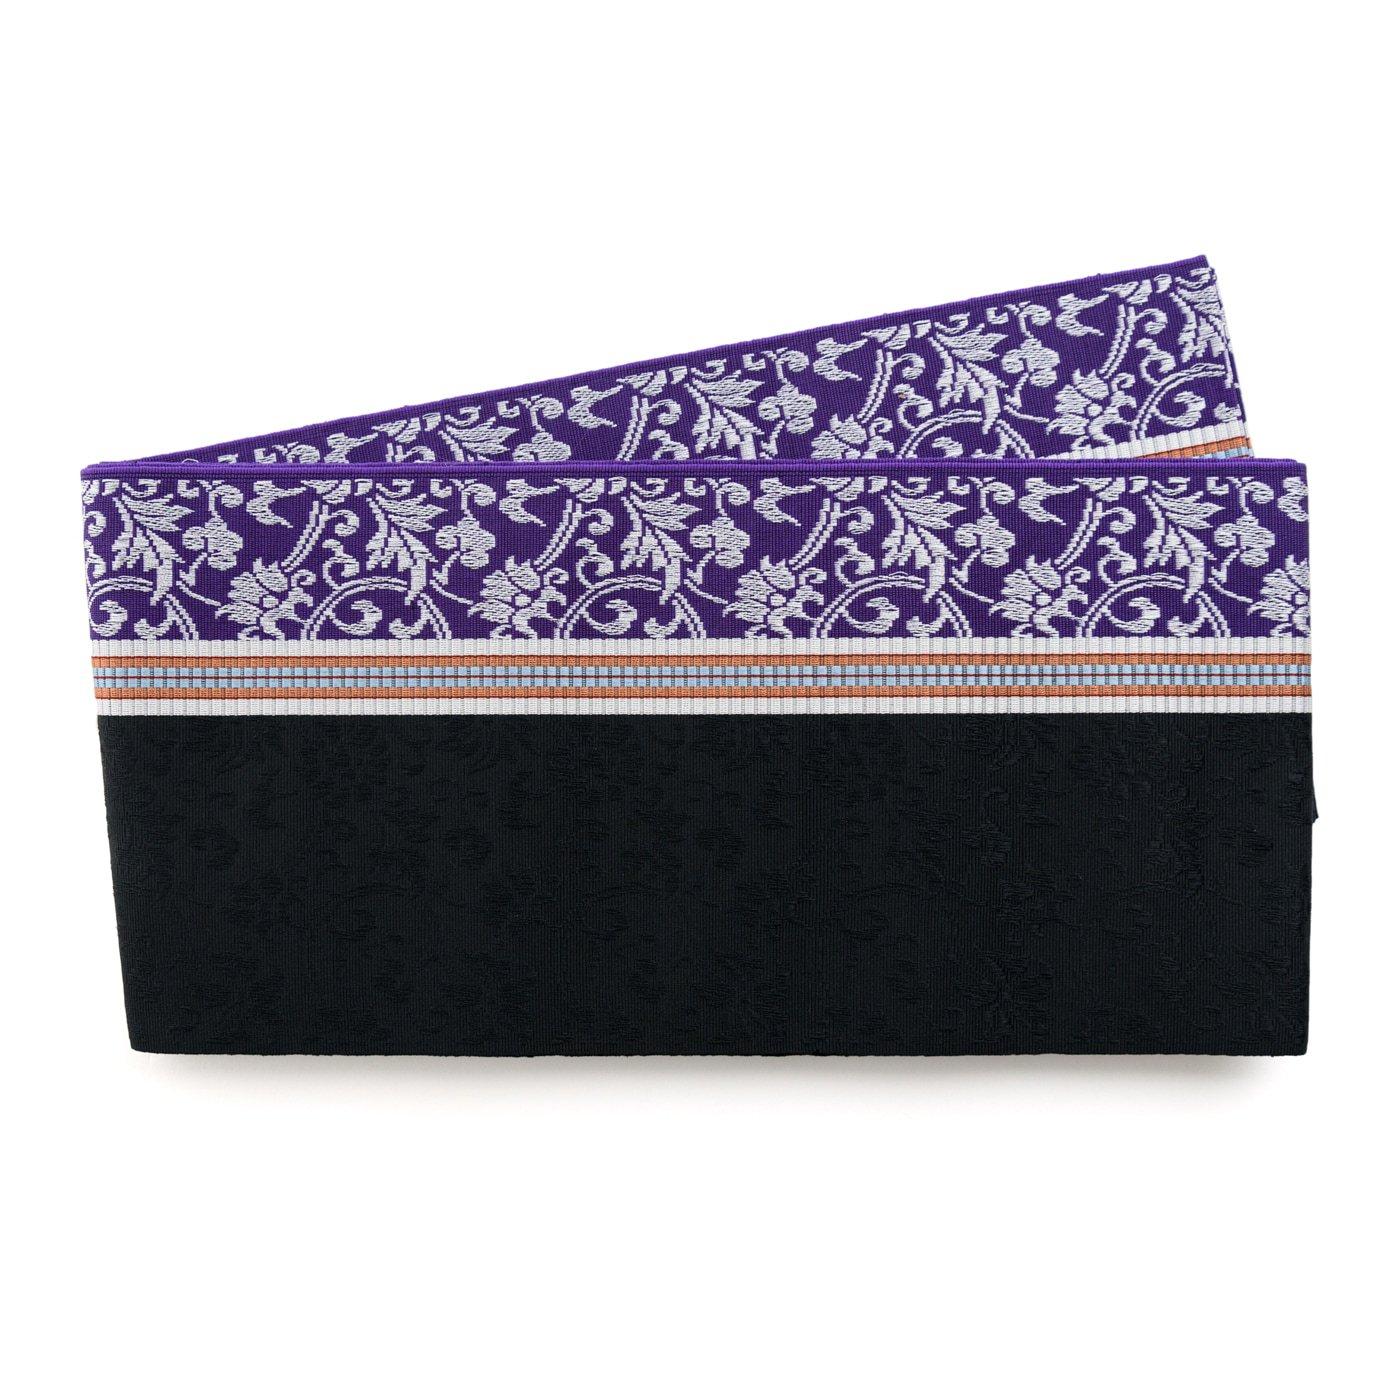 「博多小袋帯 紫と黒の縞 唐花」の商品画像